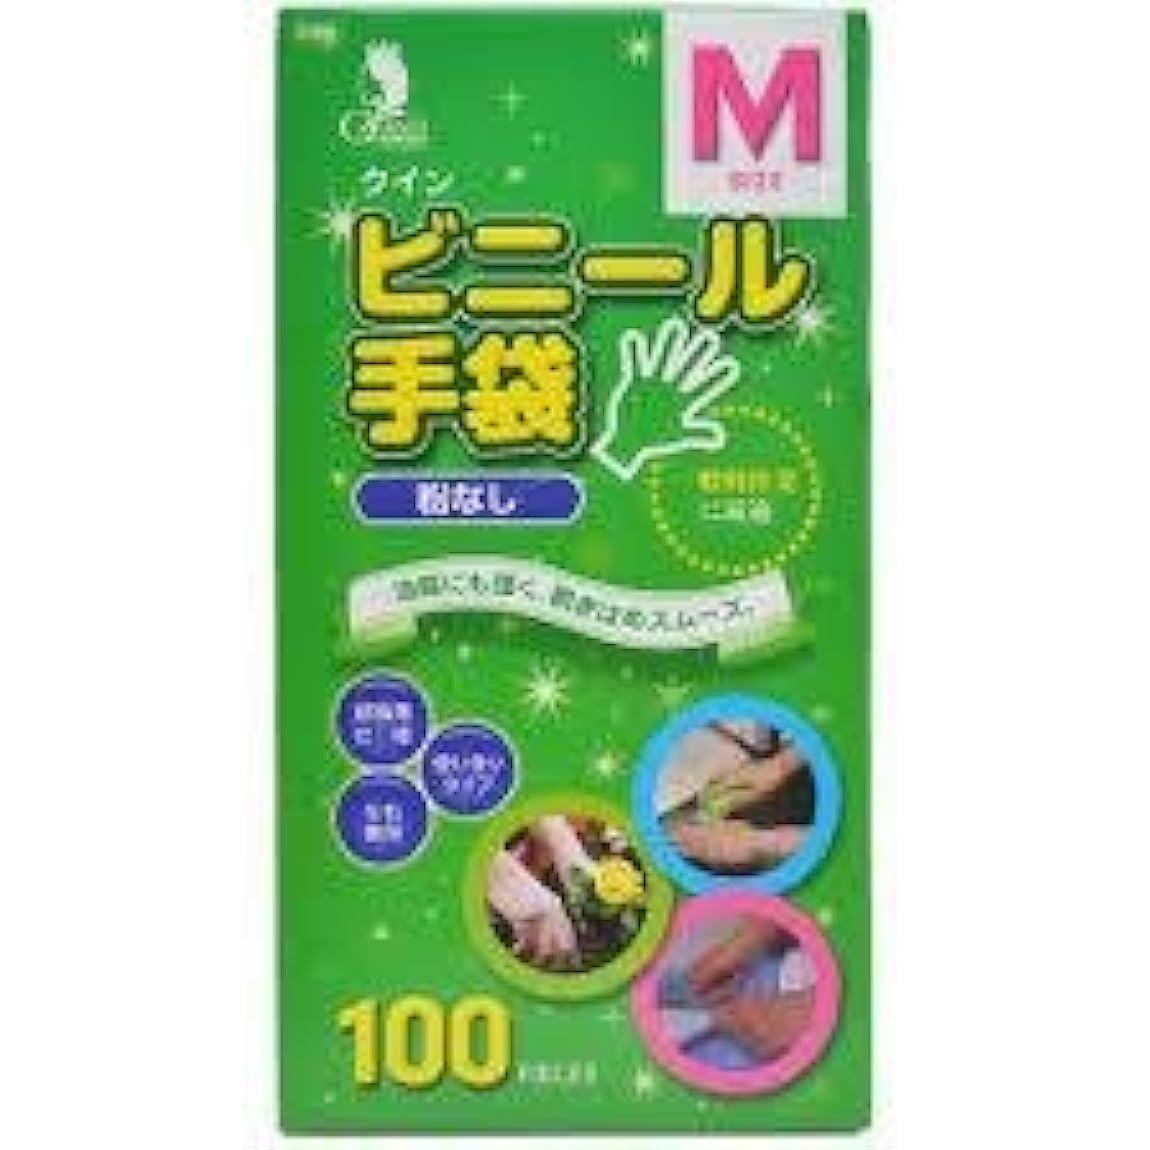 期間置換ドック宇都宮製作 クイン ビニール手袋(パウダーフリー) M100枚×20点セット (4976366006931)